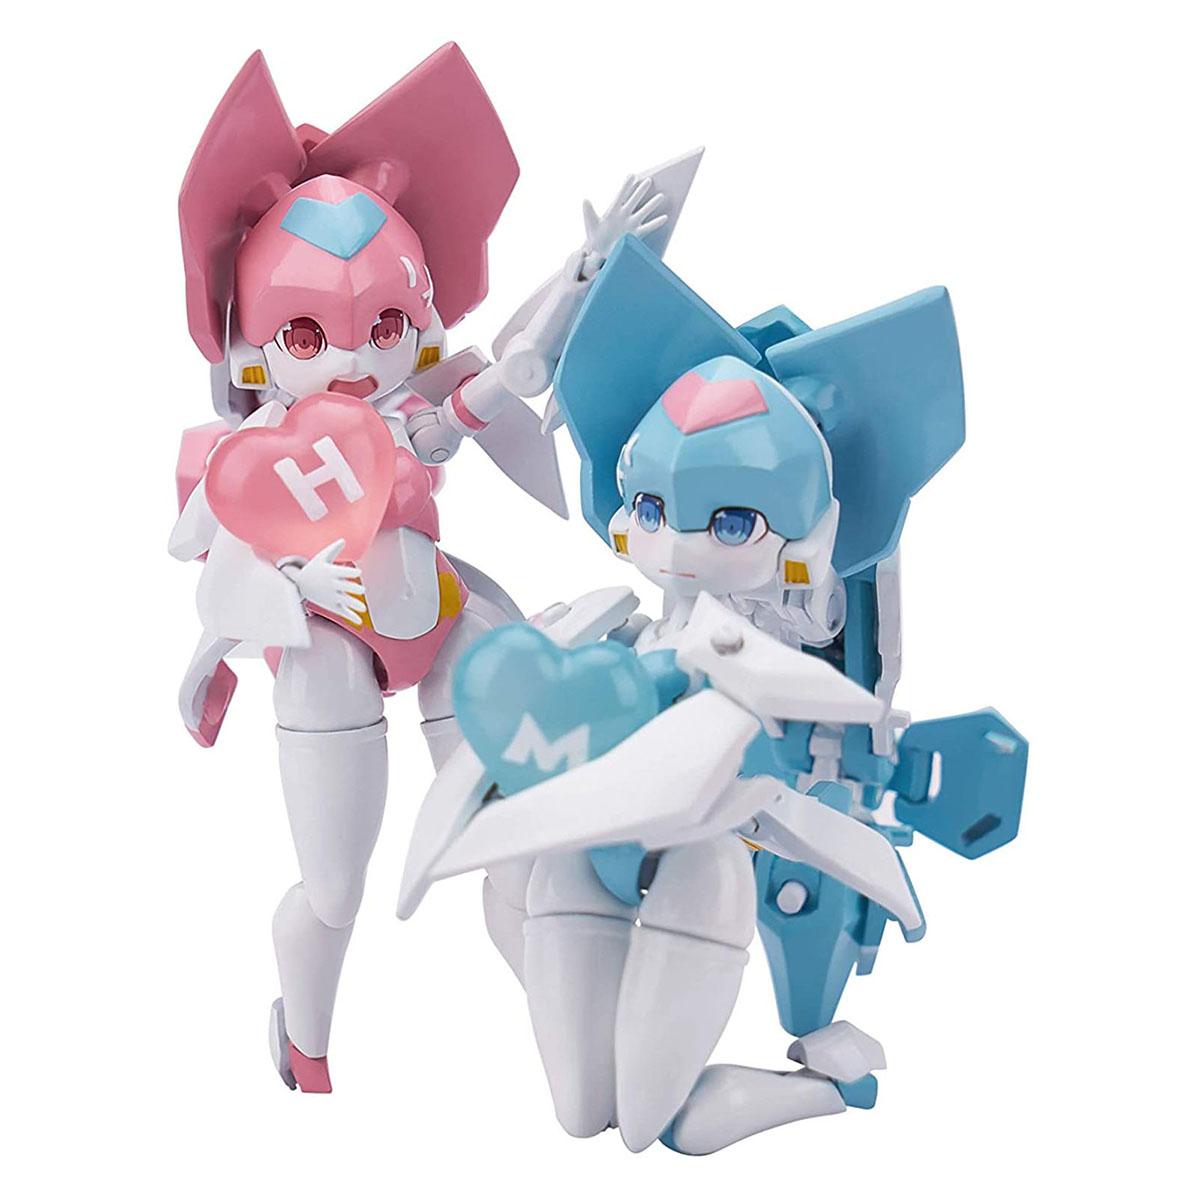 魔姫変形シリーズ『疾速紅音(スカーレットソニック)』可変可動フィギュア-011